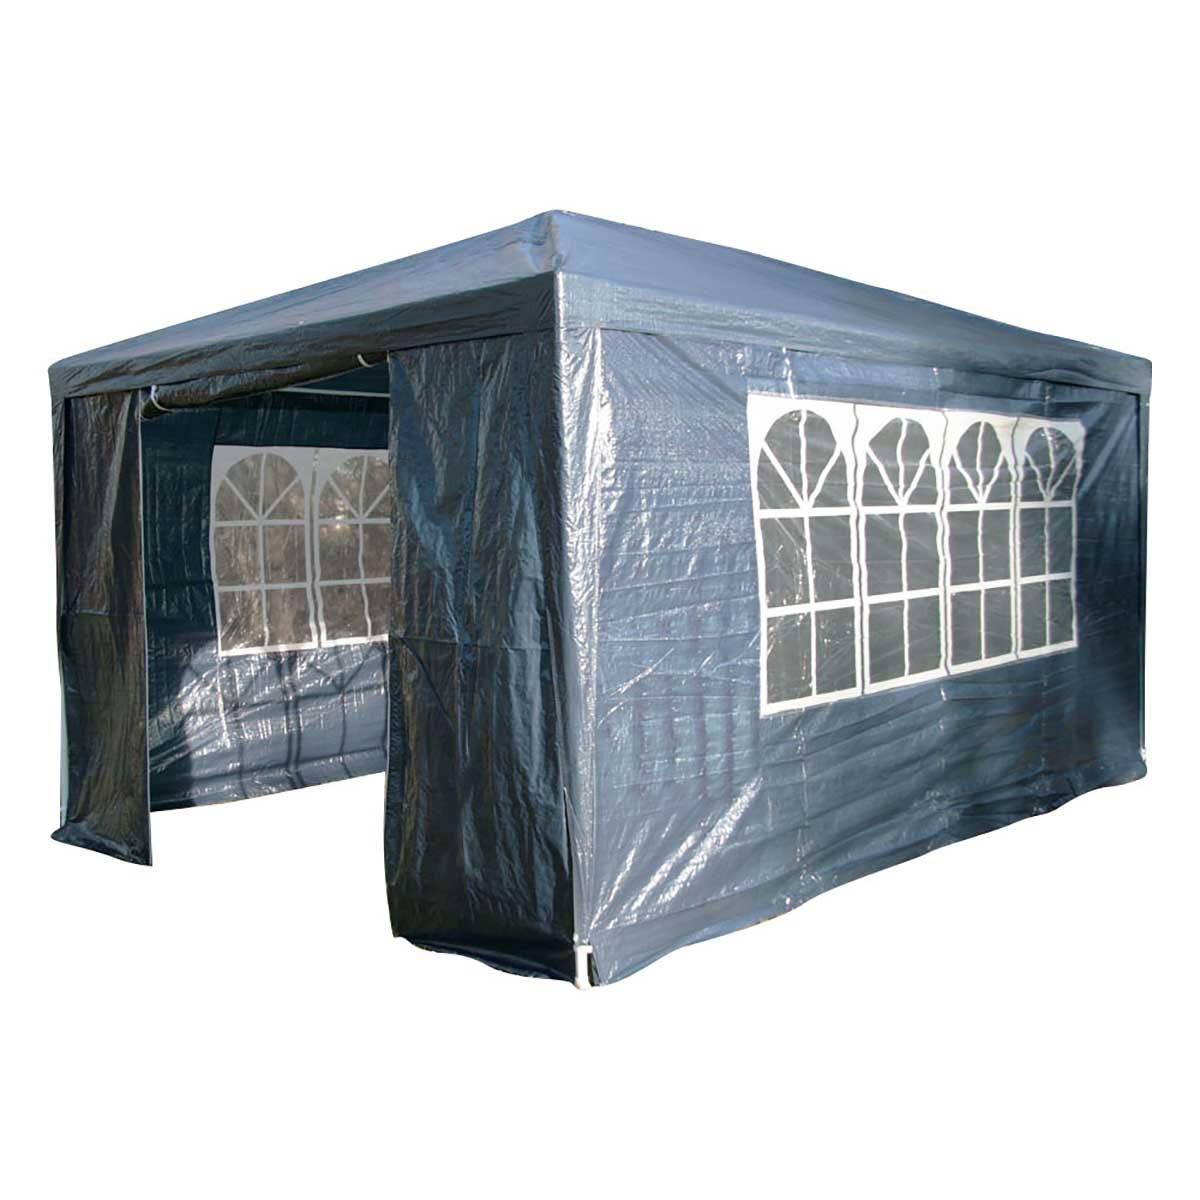 Airwave 4m x 3m Value Party Tent Gazebo - Blue